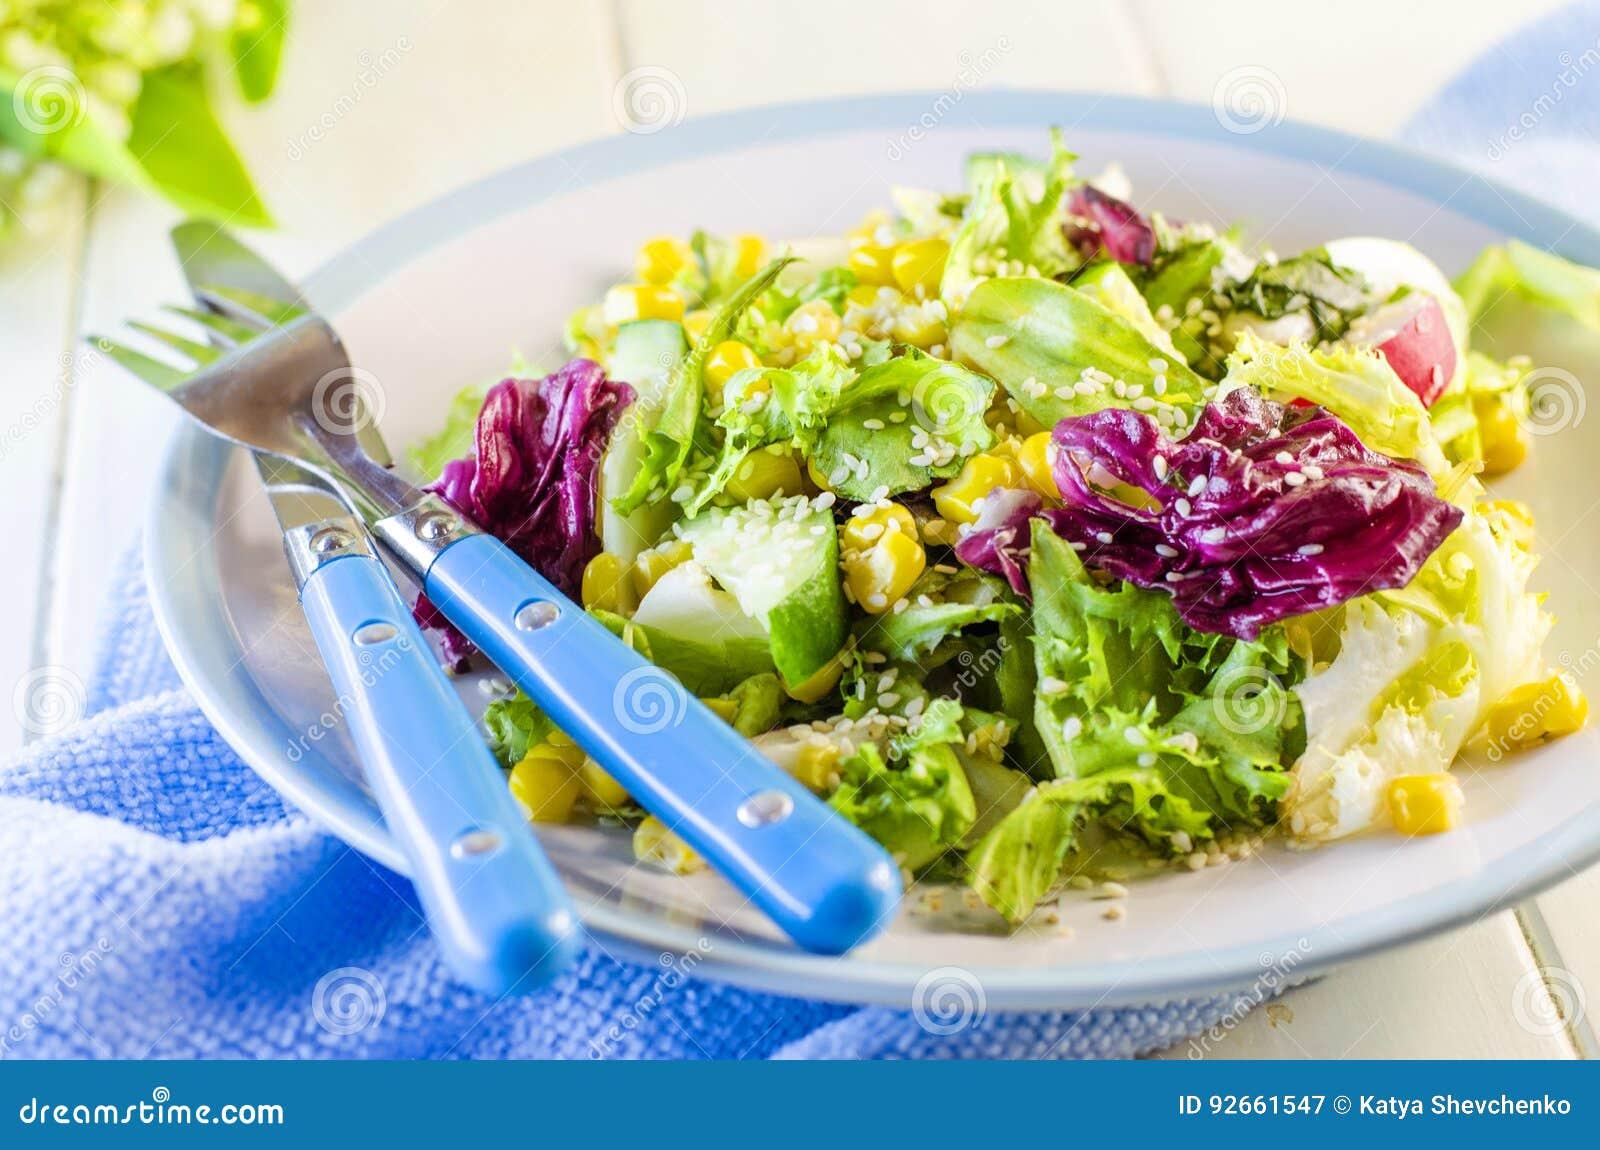 salade verte diététique fraîche image stock - image du nourriture